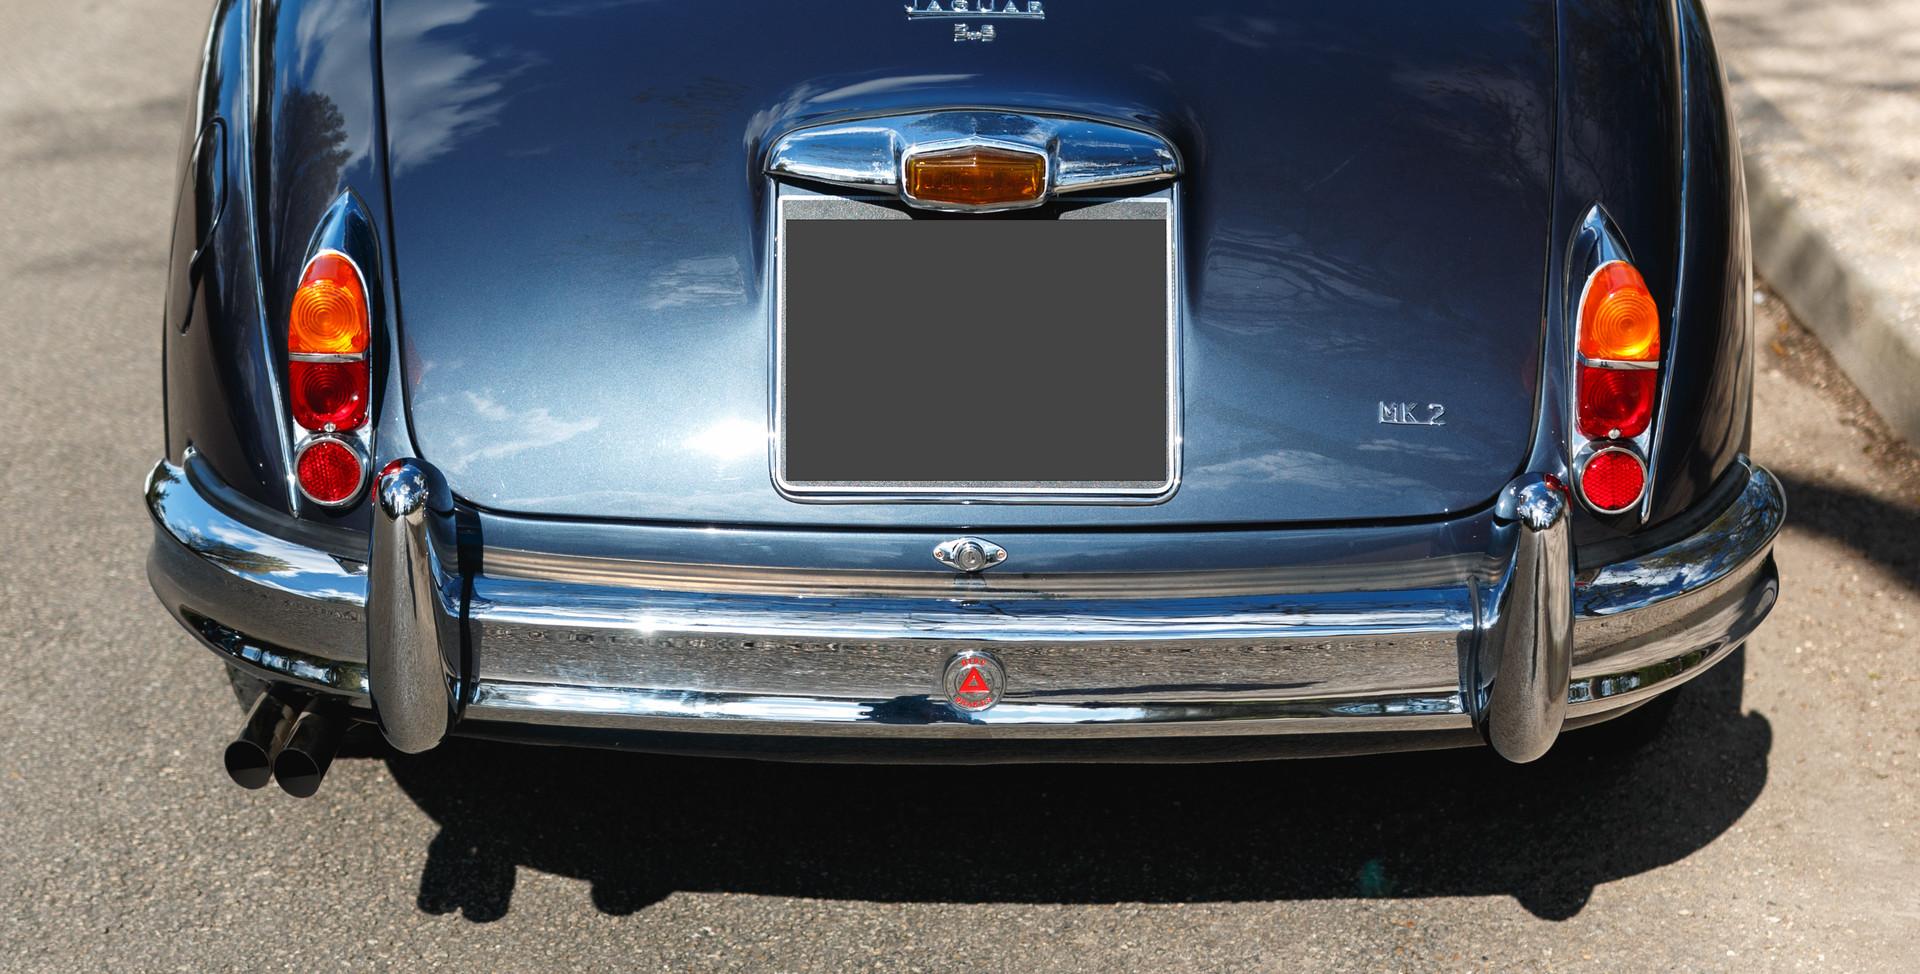 Jaguar_MKII_détails_extérieur_(6).jpg